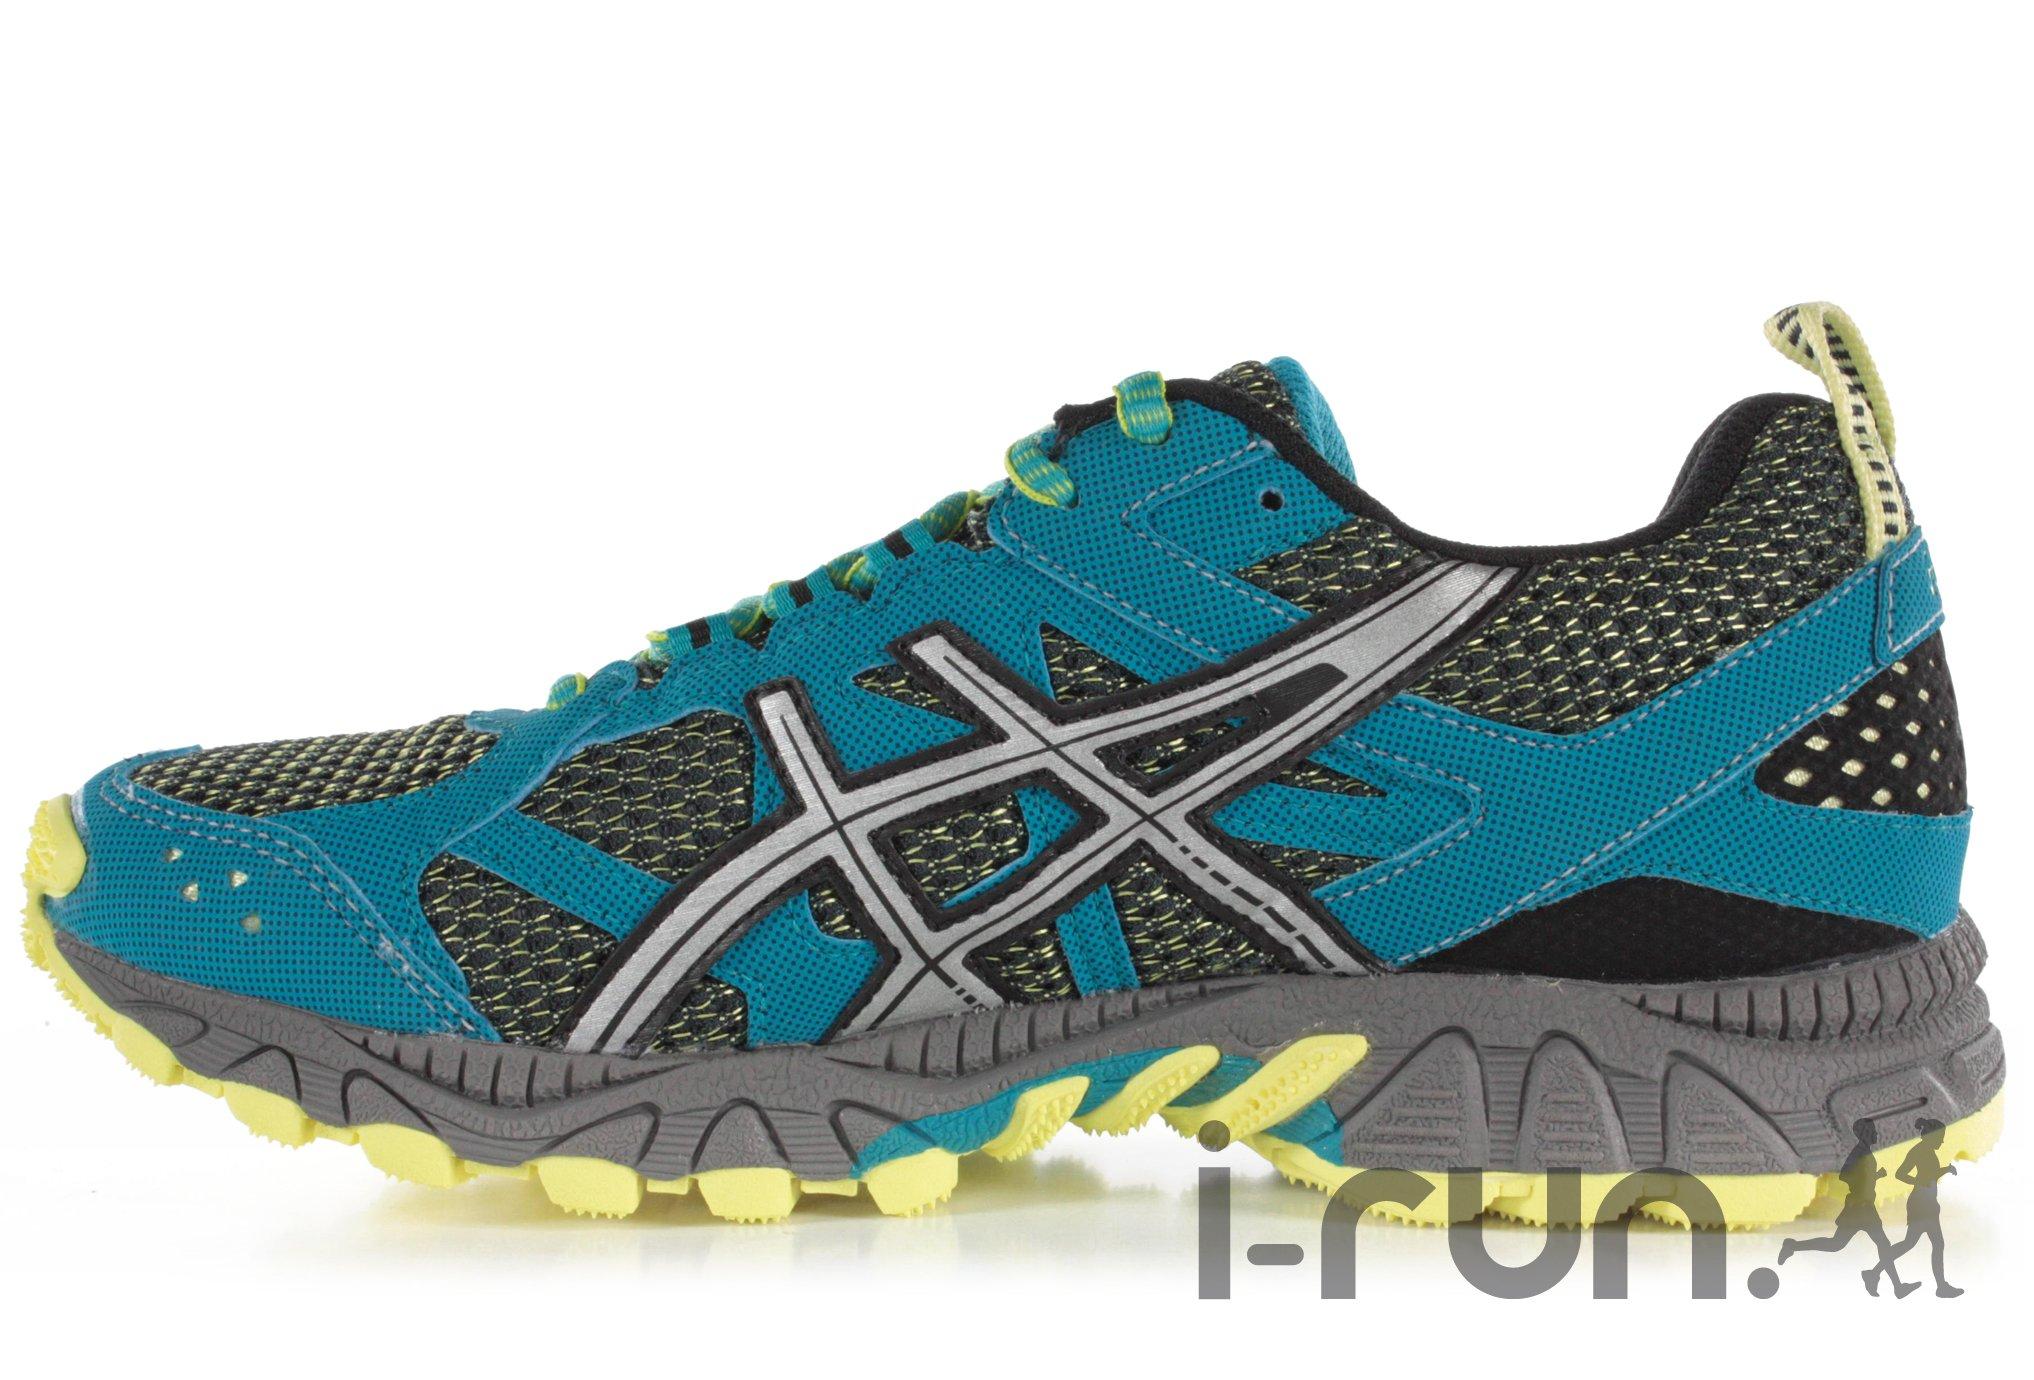 chaussure trail asics gore tex femme